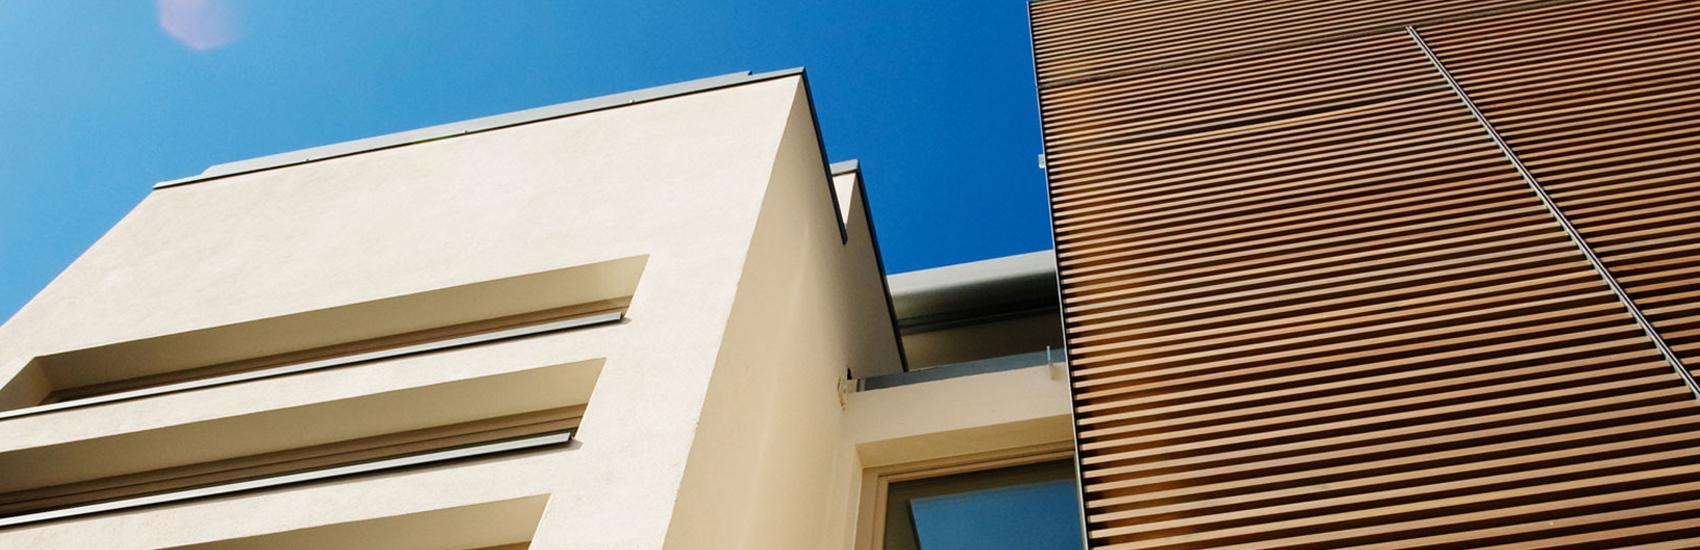 Impresa Edile Treviso, Costruzioni Edili, Ristrutturazioni immobili – Marchi Silvio